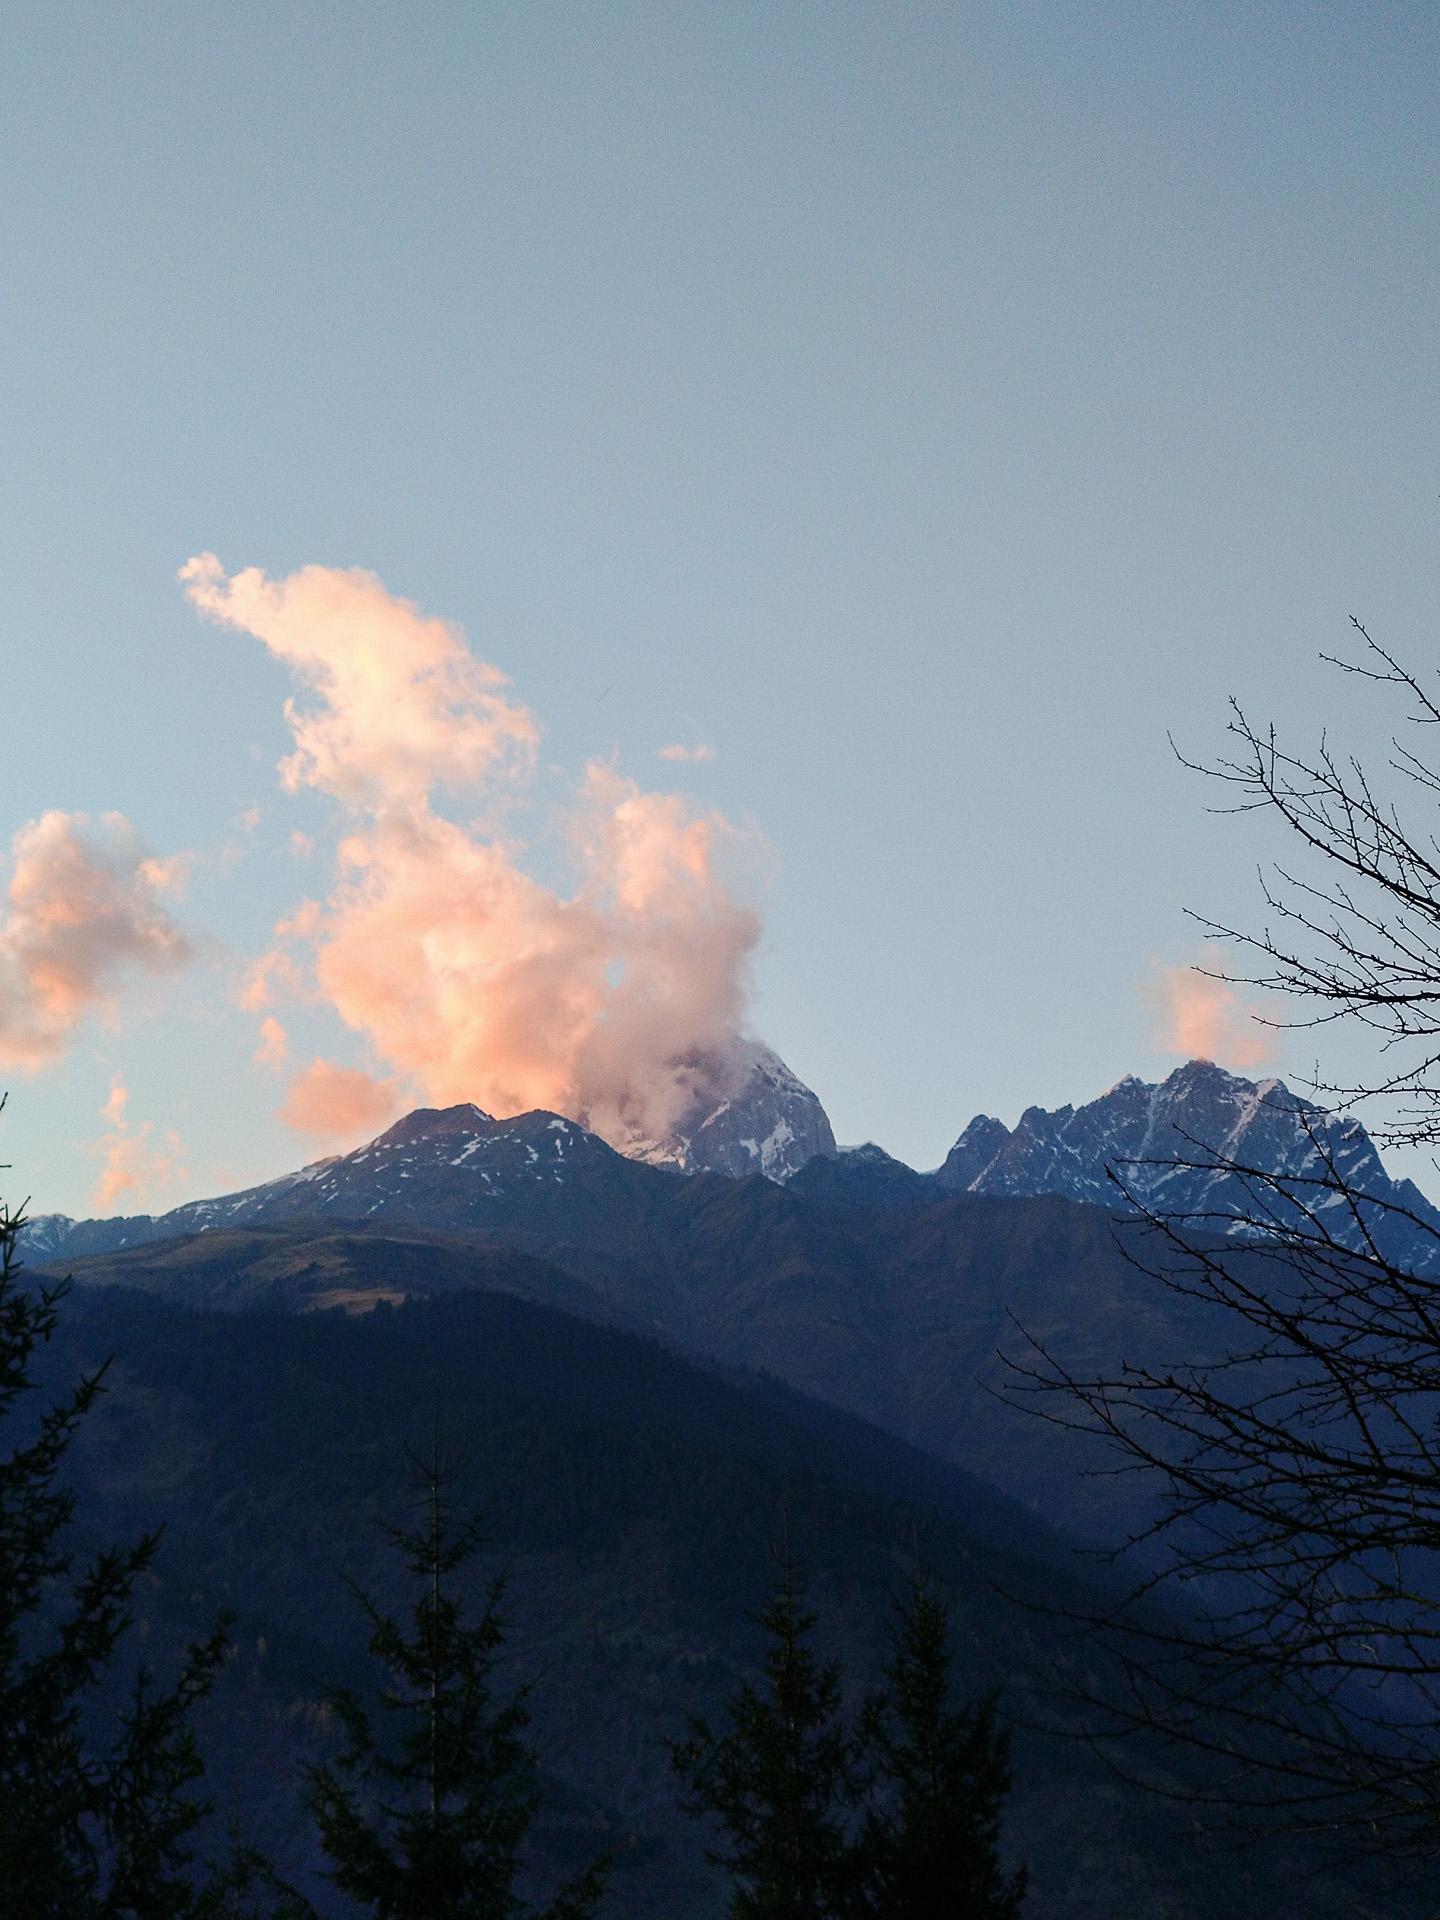 Eine Abendstimmung in den Bergen fotografiert mit einem manuell gewählten Weißabgleich, der die Farben so darstellt, wie sie wirklich ausgesehen haben.